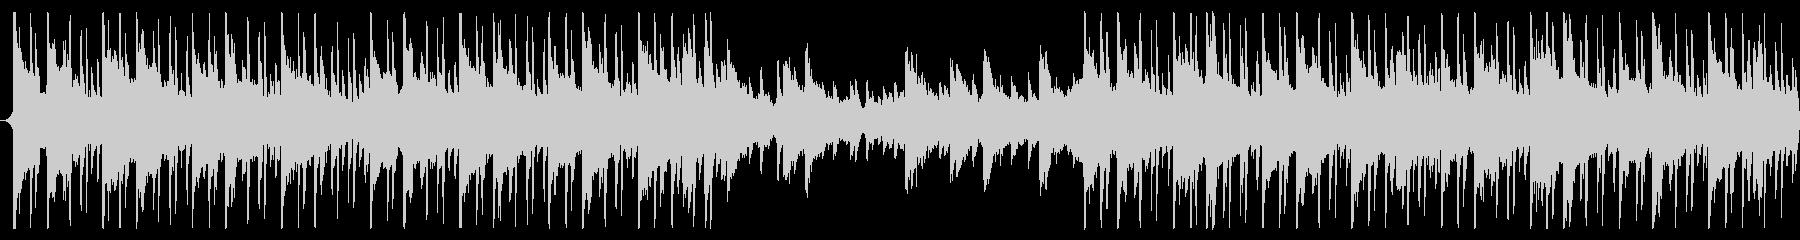 60秒企業BGMなどに明るくシンプルな曲の未再生の波形